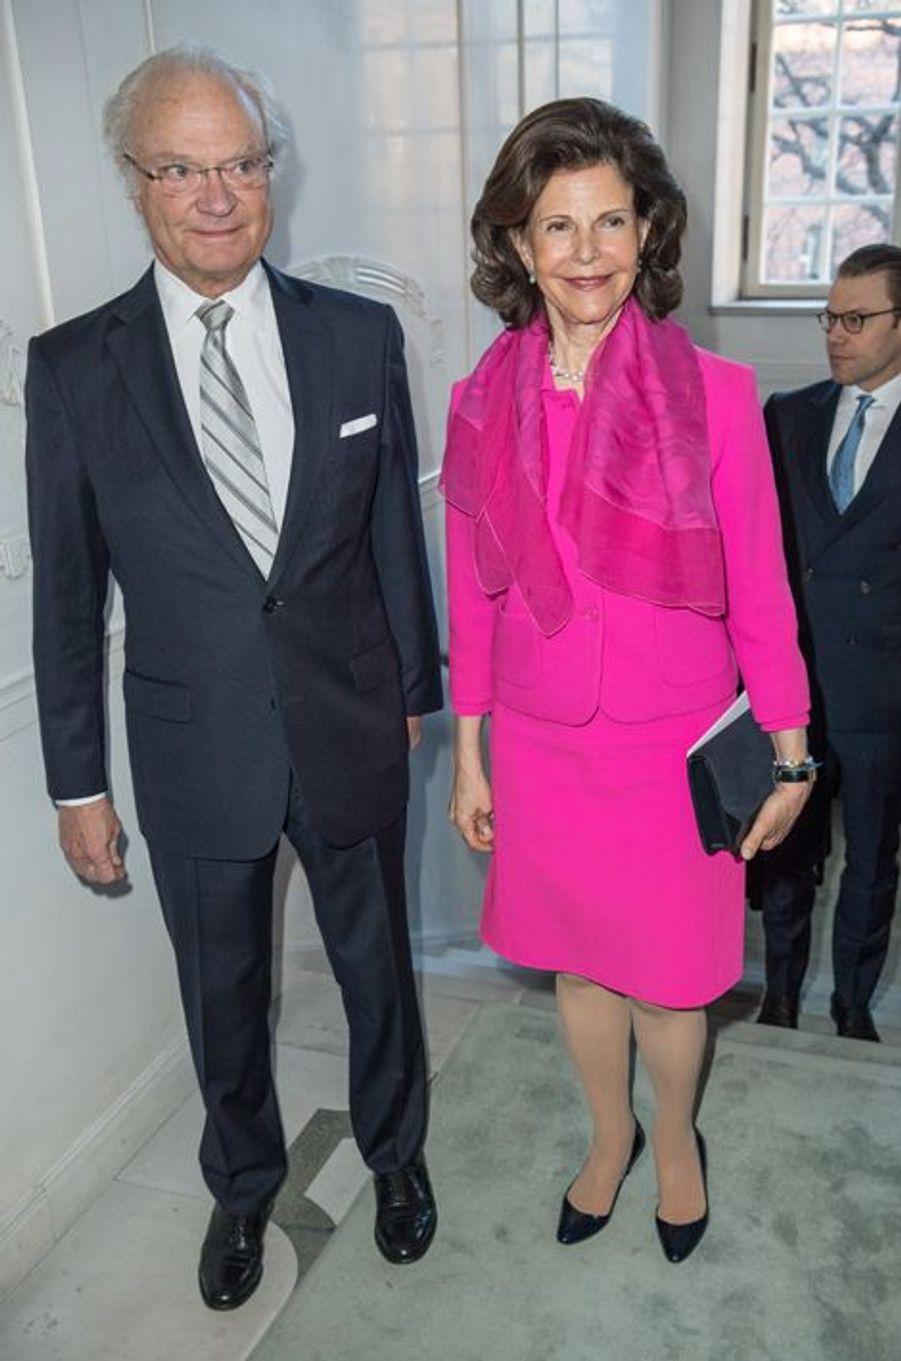 La reine Silvia et le roi Carl XVI Gustaf de Suède au Théâtre royal dramatique à Stockholm, le 25 avril 2016